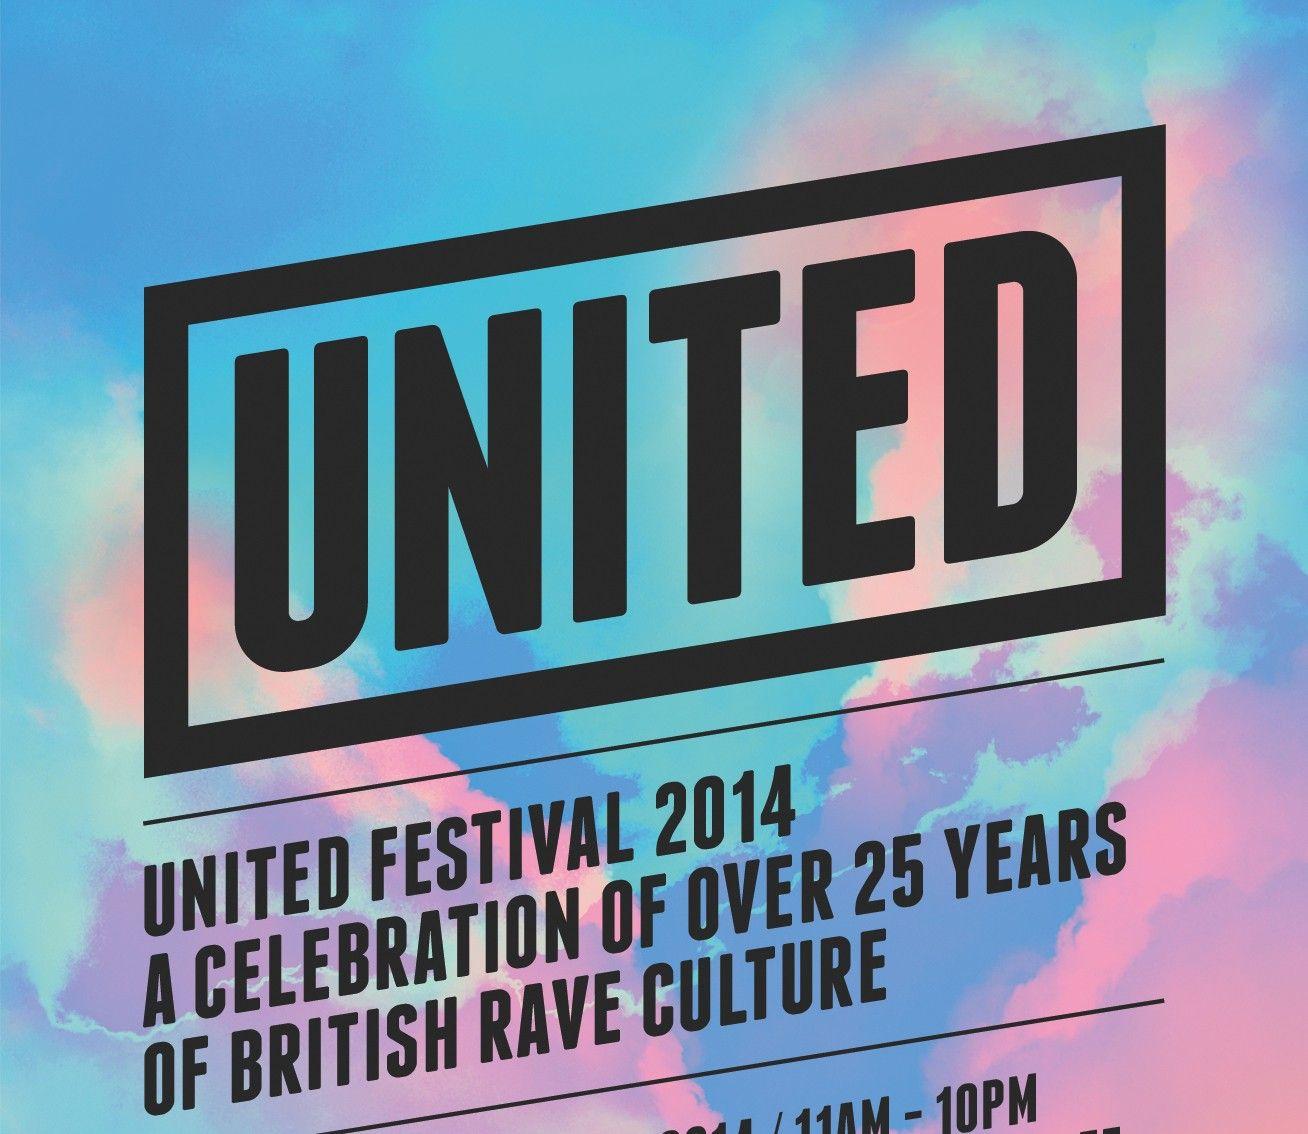 unitedfront-flyer.jpg